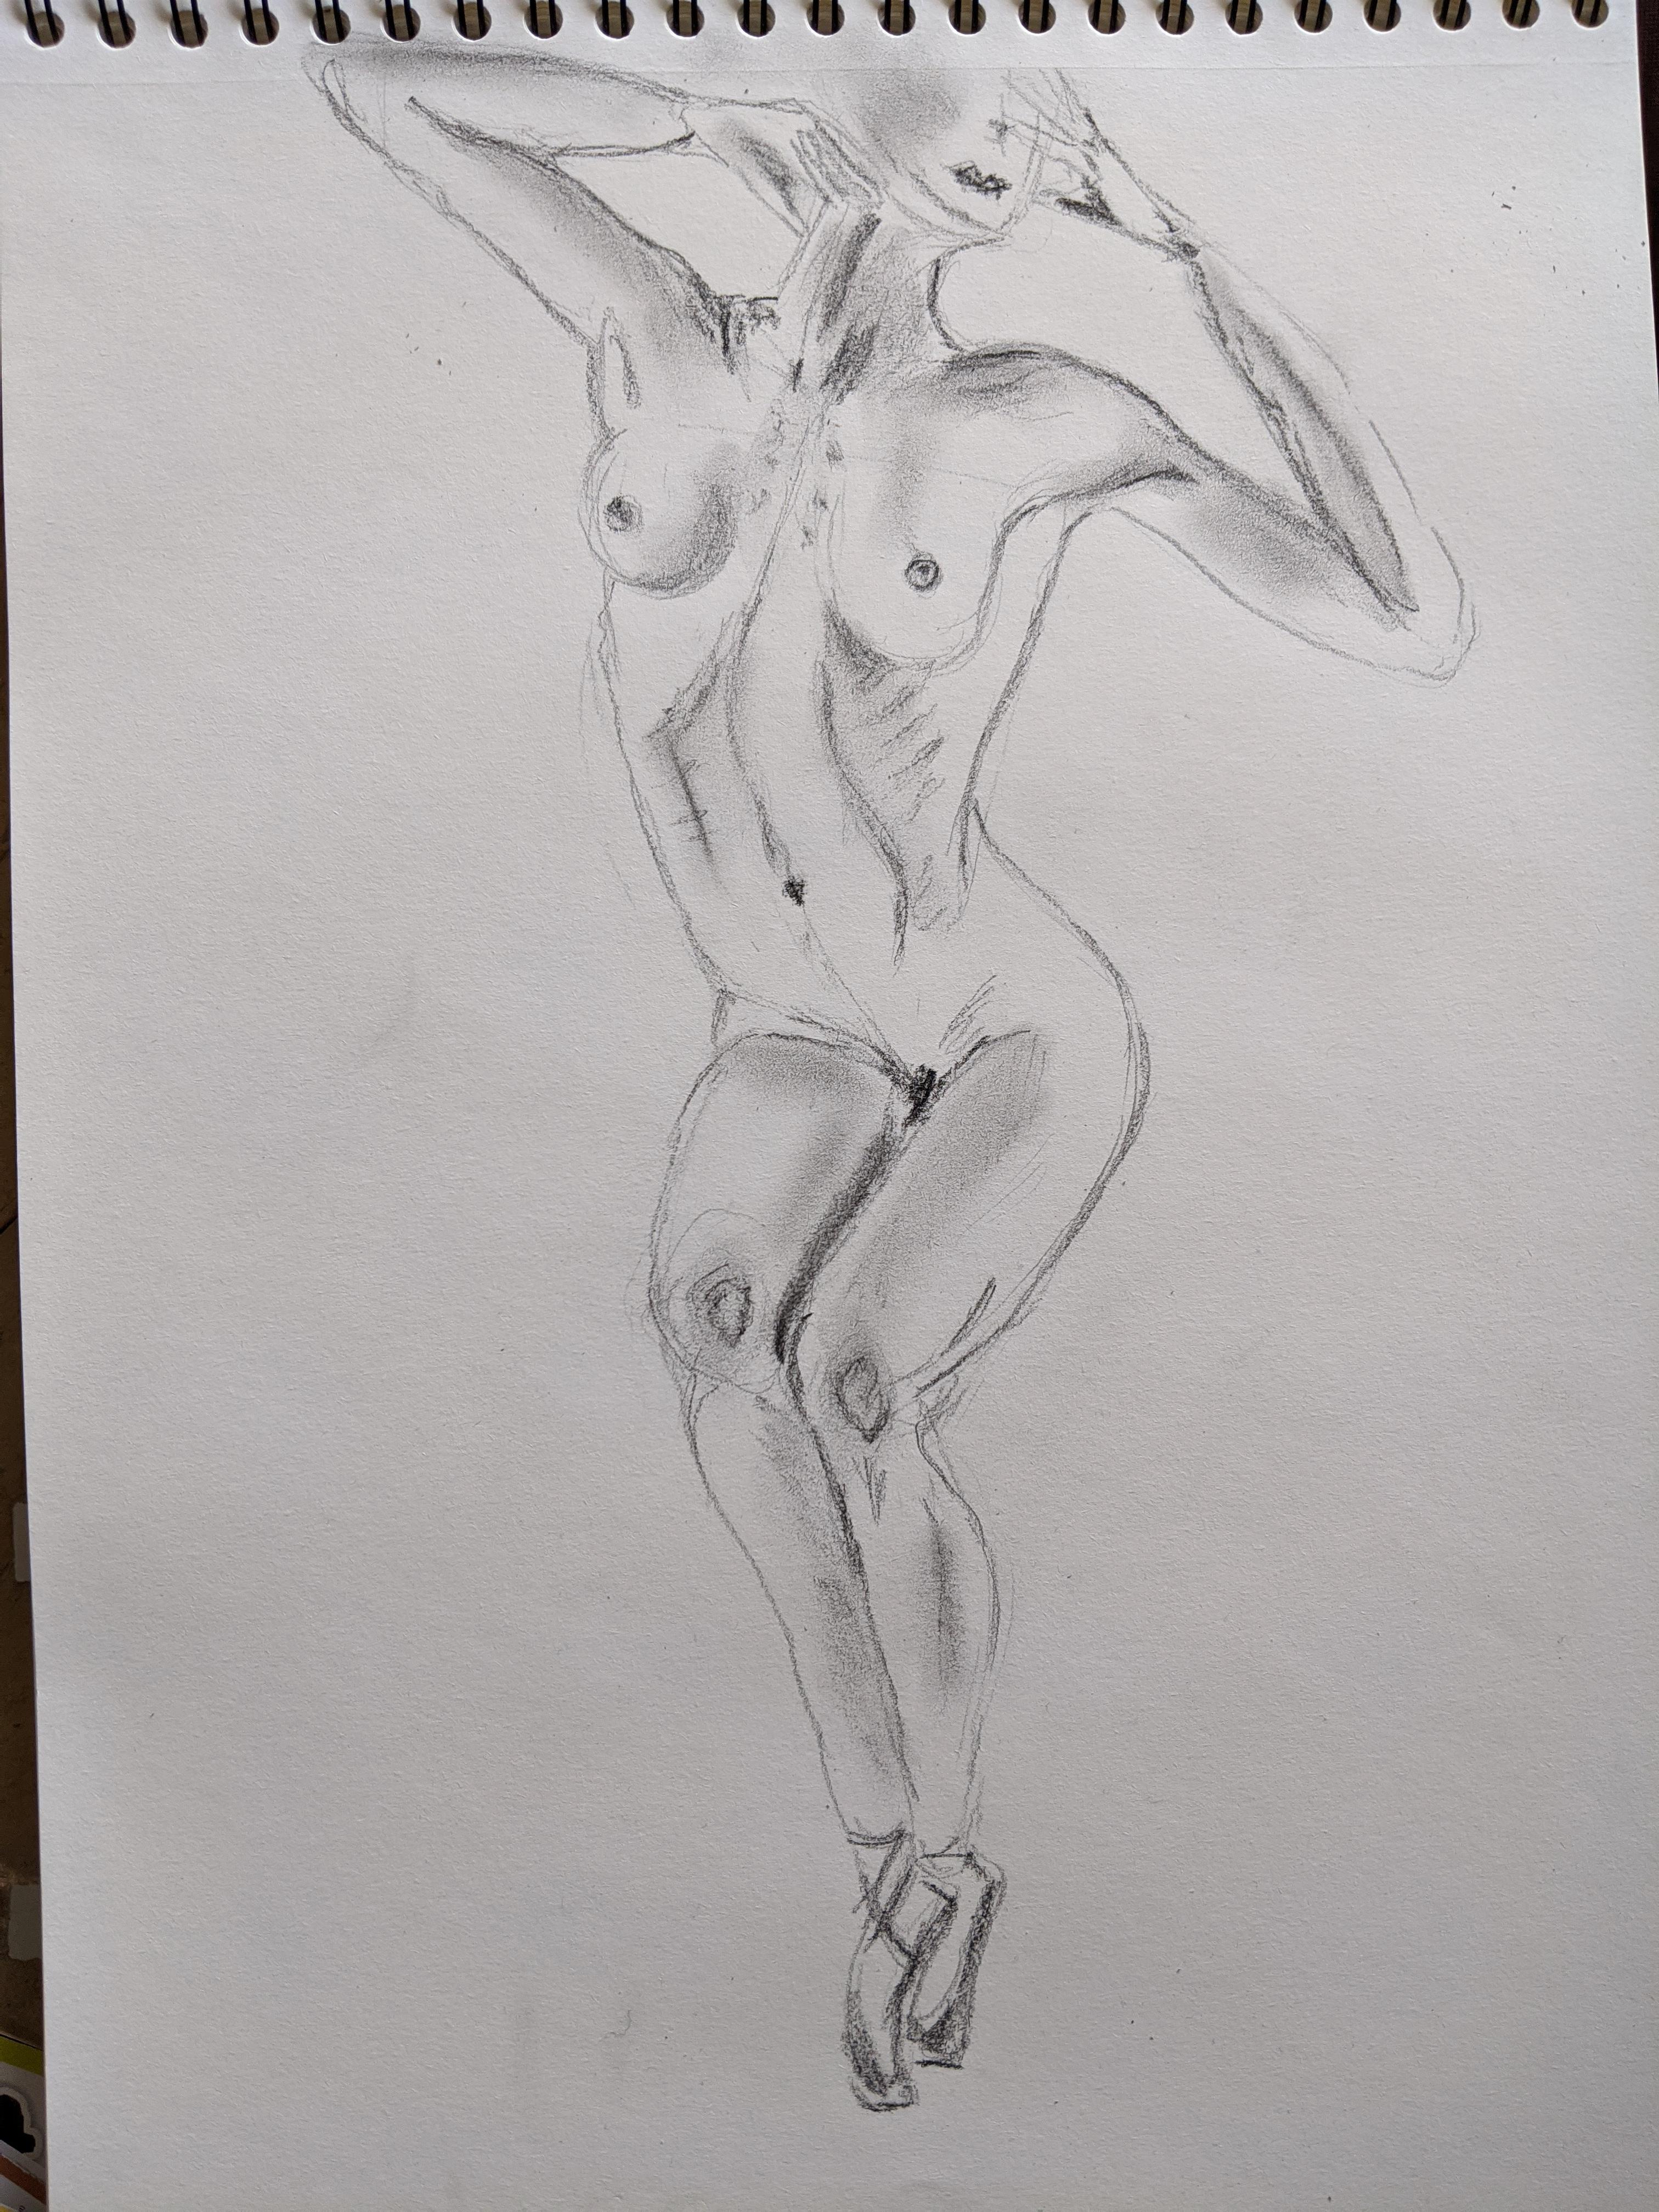 dessin fusain estompe sur papier  cours de dessin